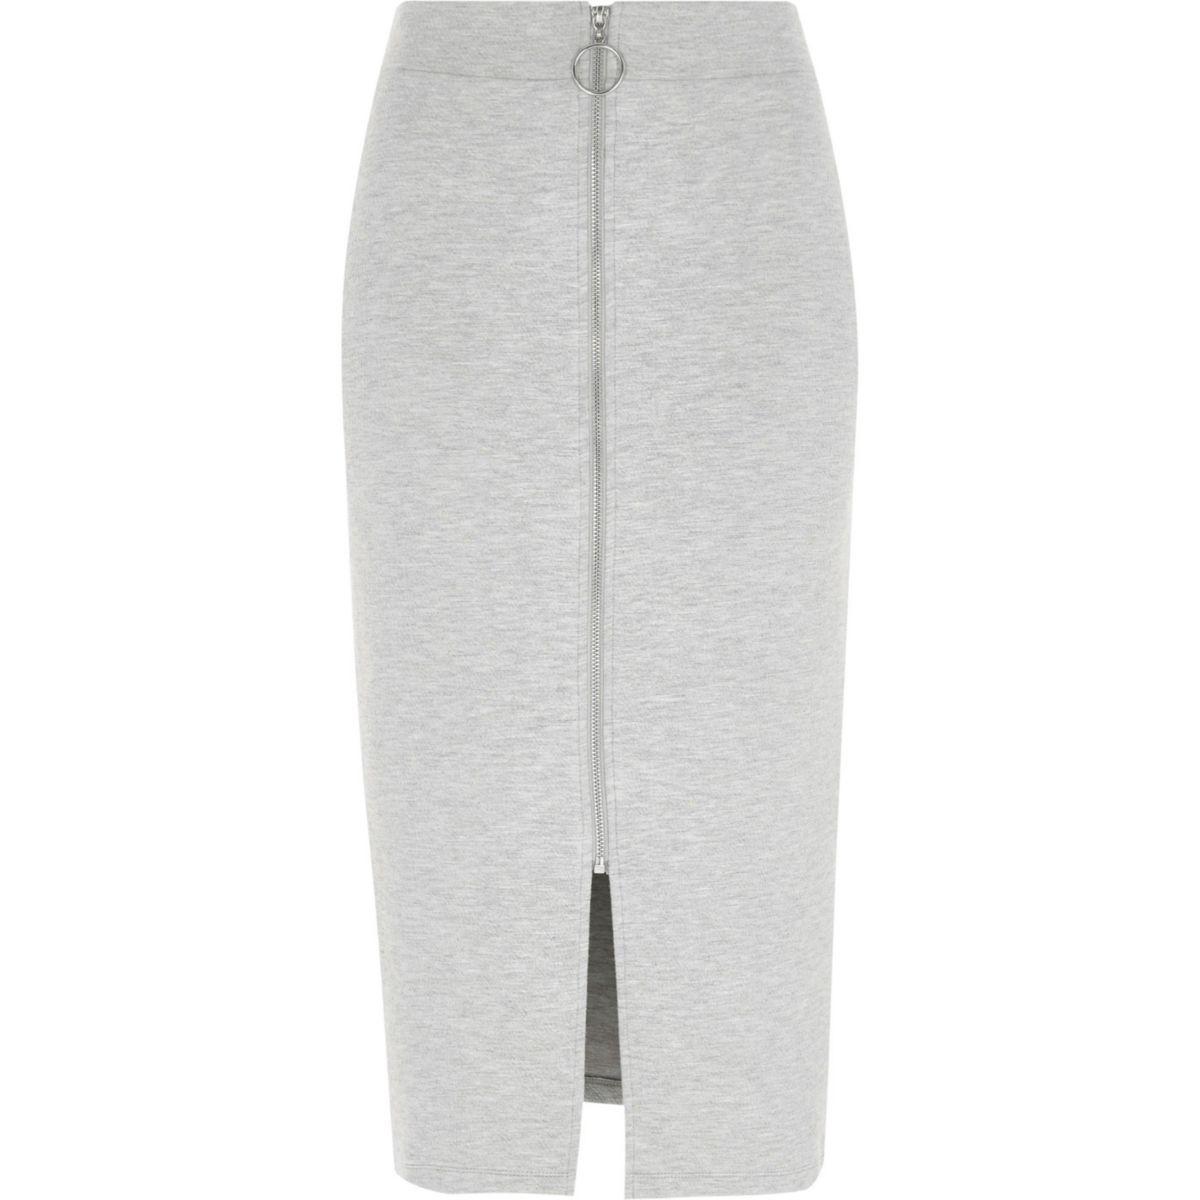 Grey marl zip front pencil skirt